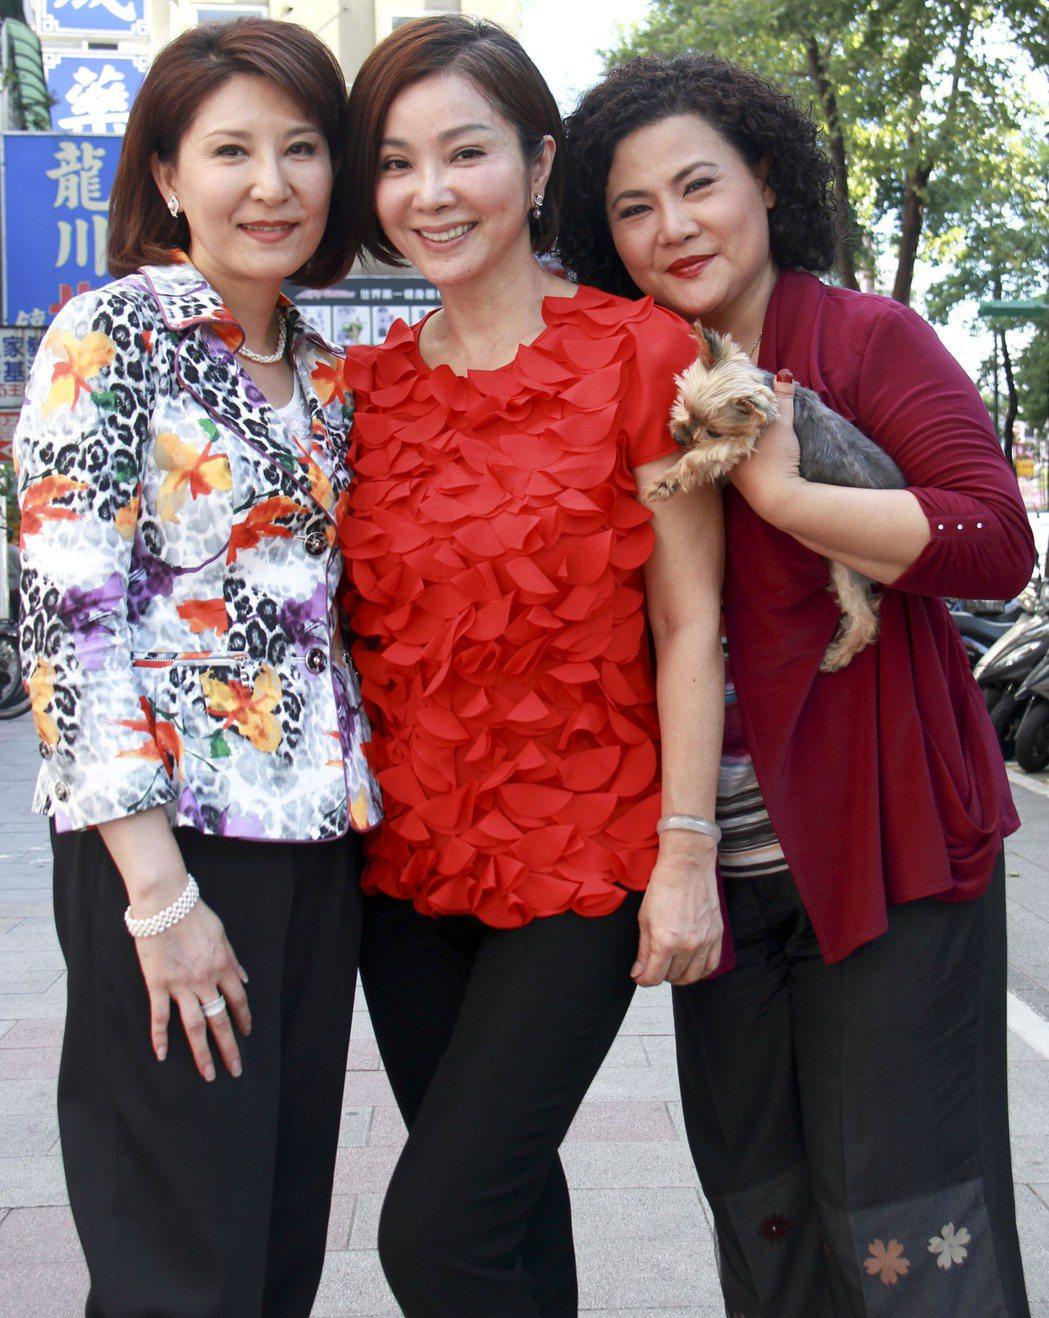 賴青畇(左)曾在民視「風水世家」演出,與陳美鳳(中)、鍾佳珍(右)是多年老友。 ...